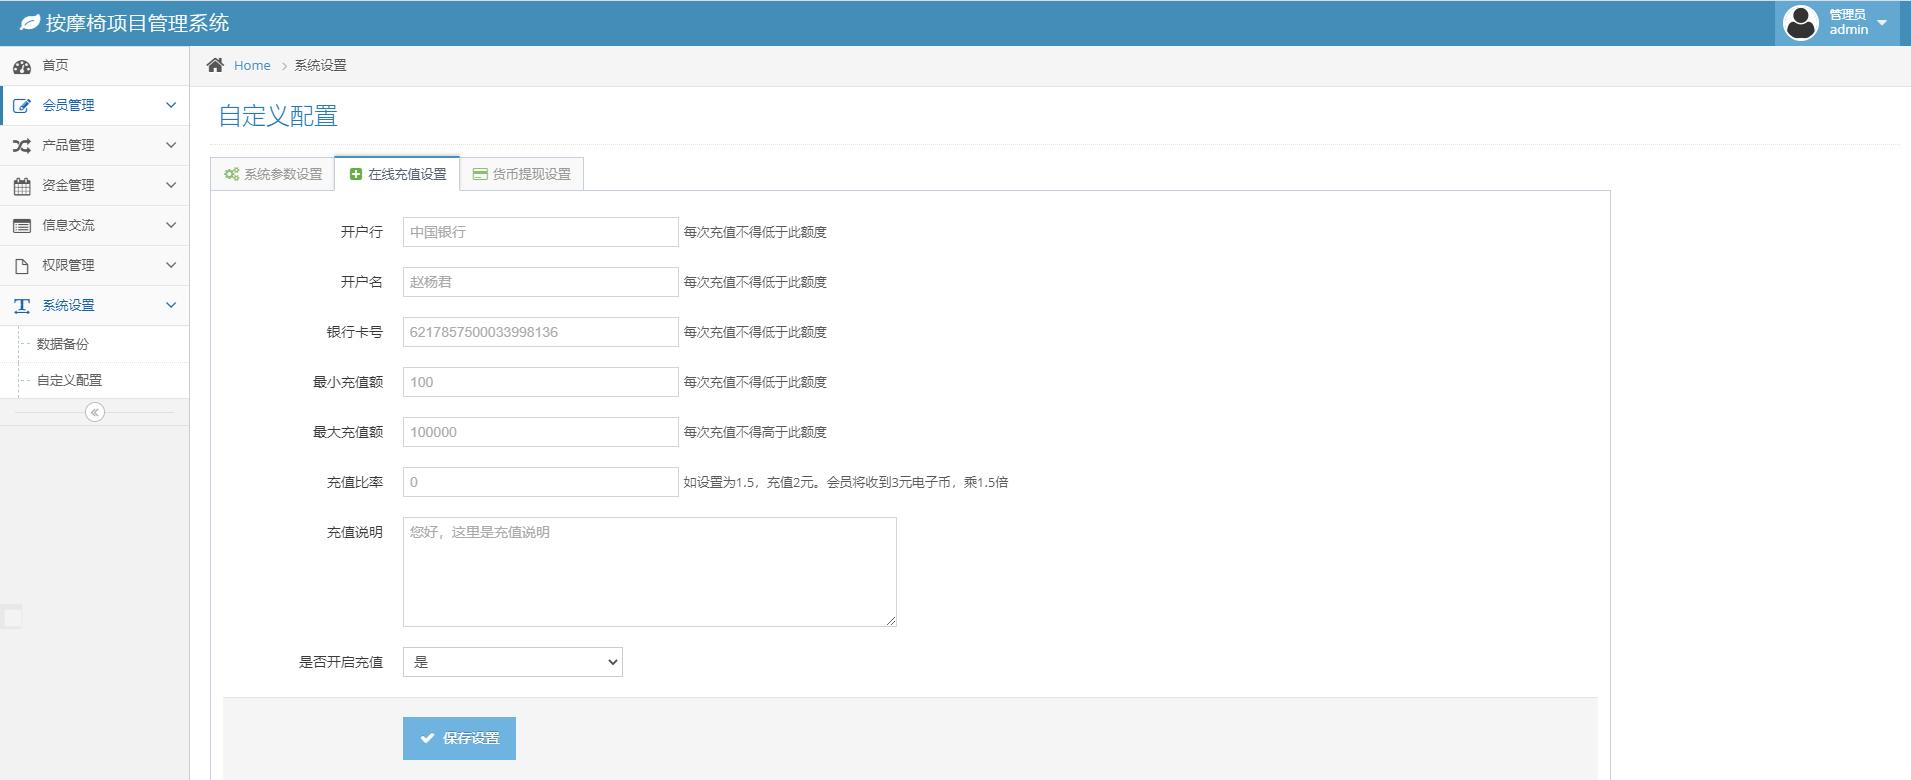 2021亲测共享充电宝源码/共享按摩椅系统 带代理+去除短信注册验证-图12